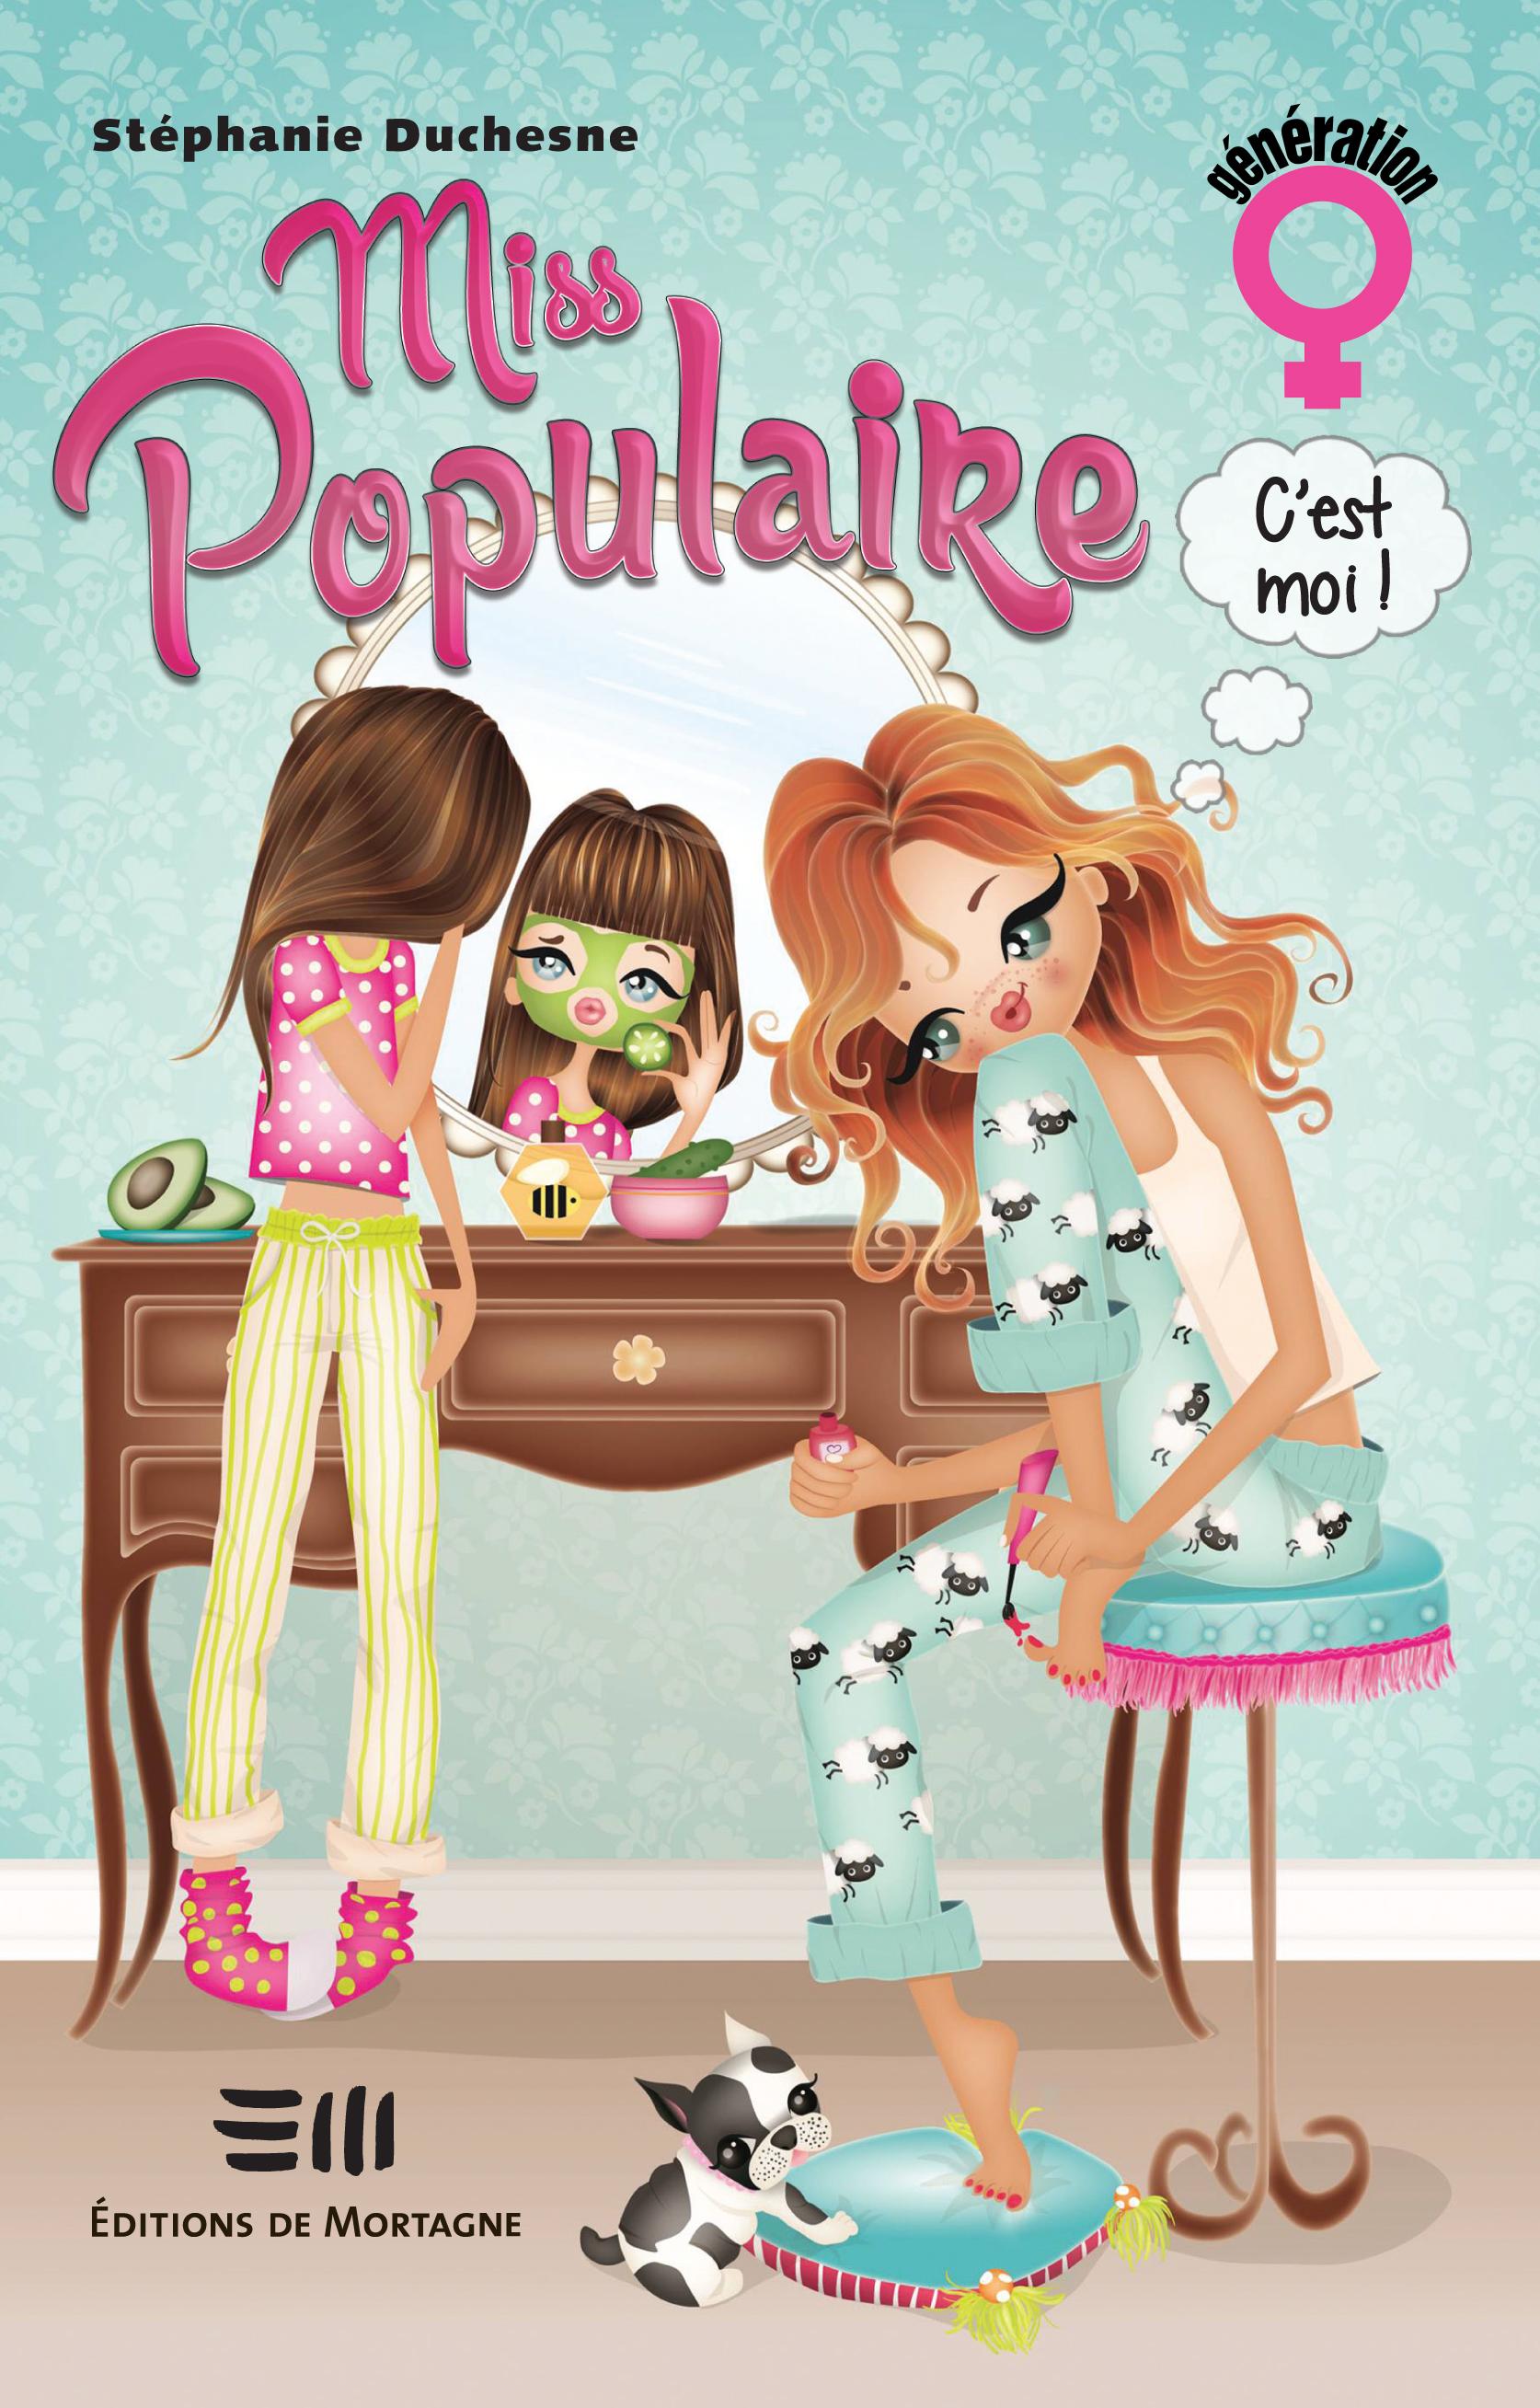 Miss Populaire, c'est moi!